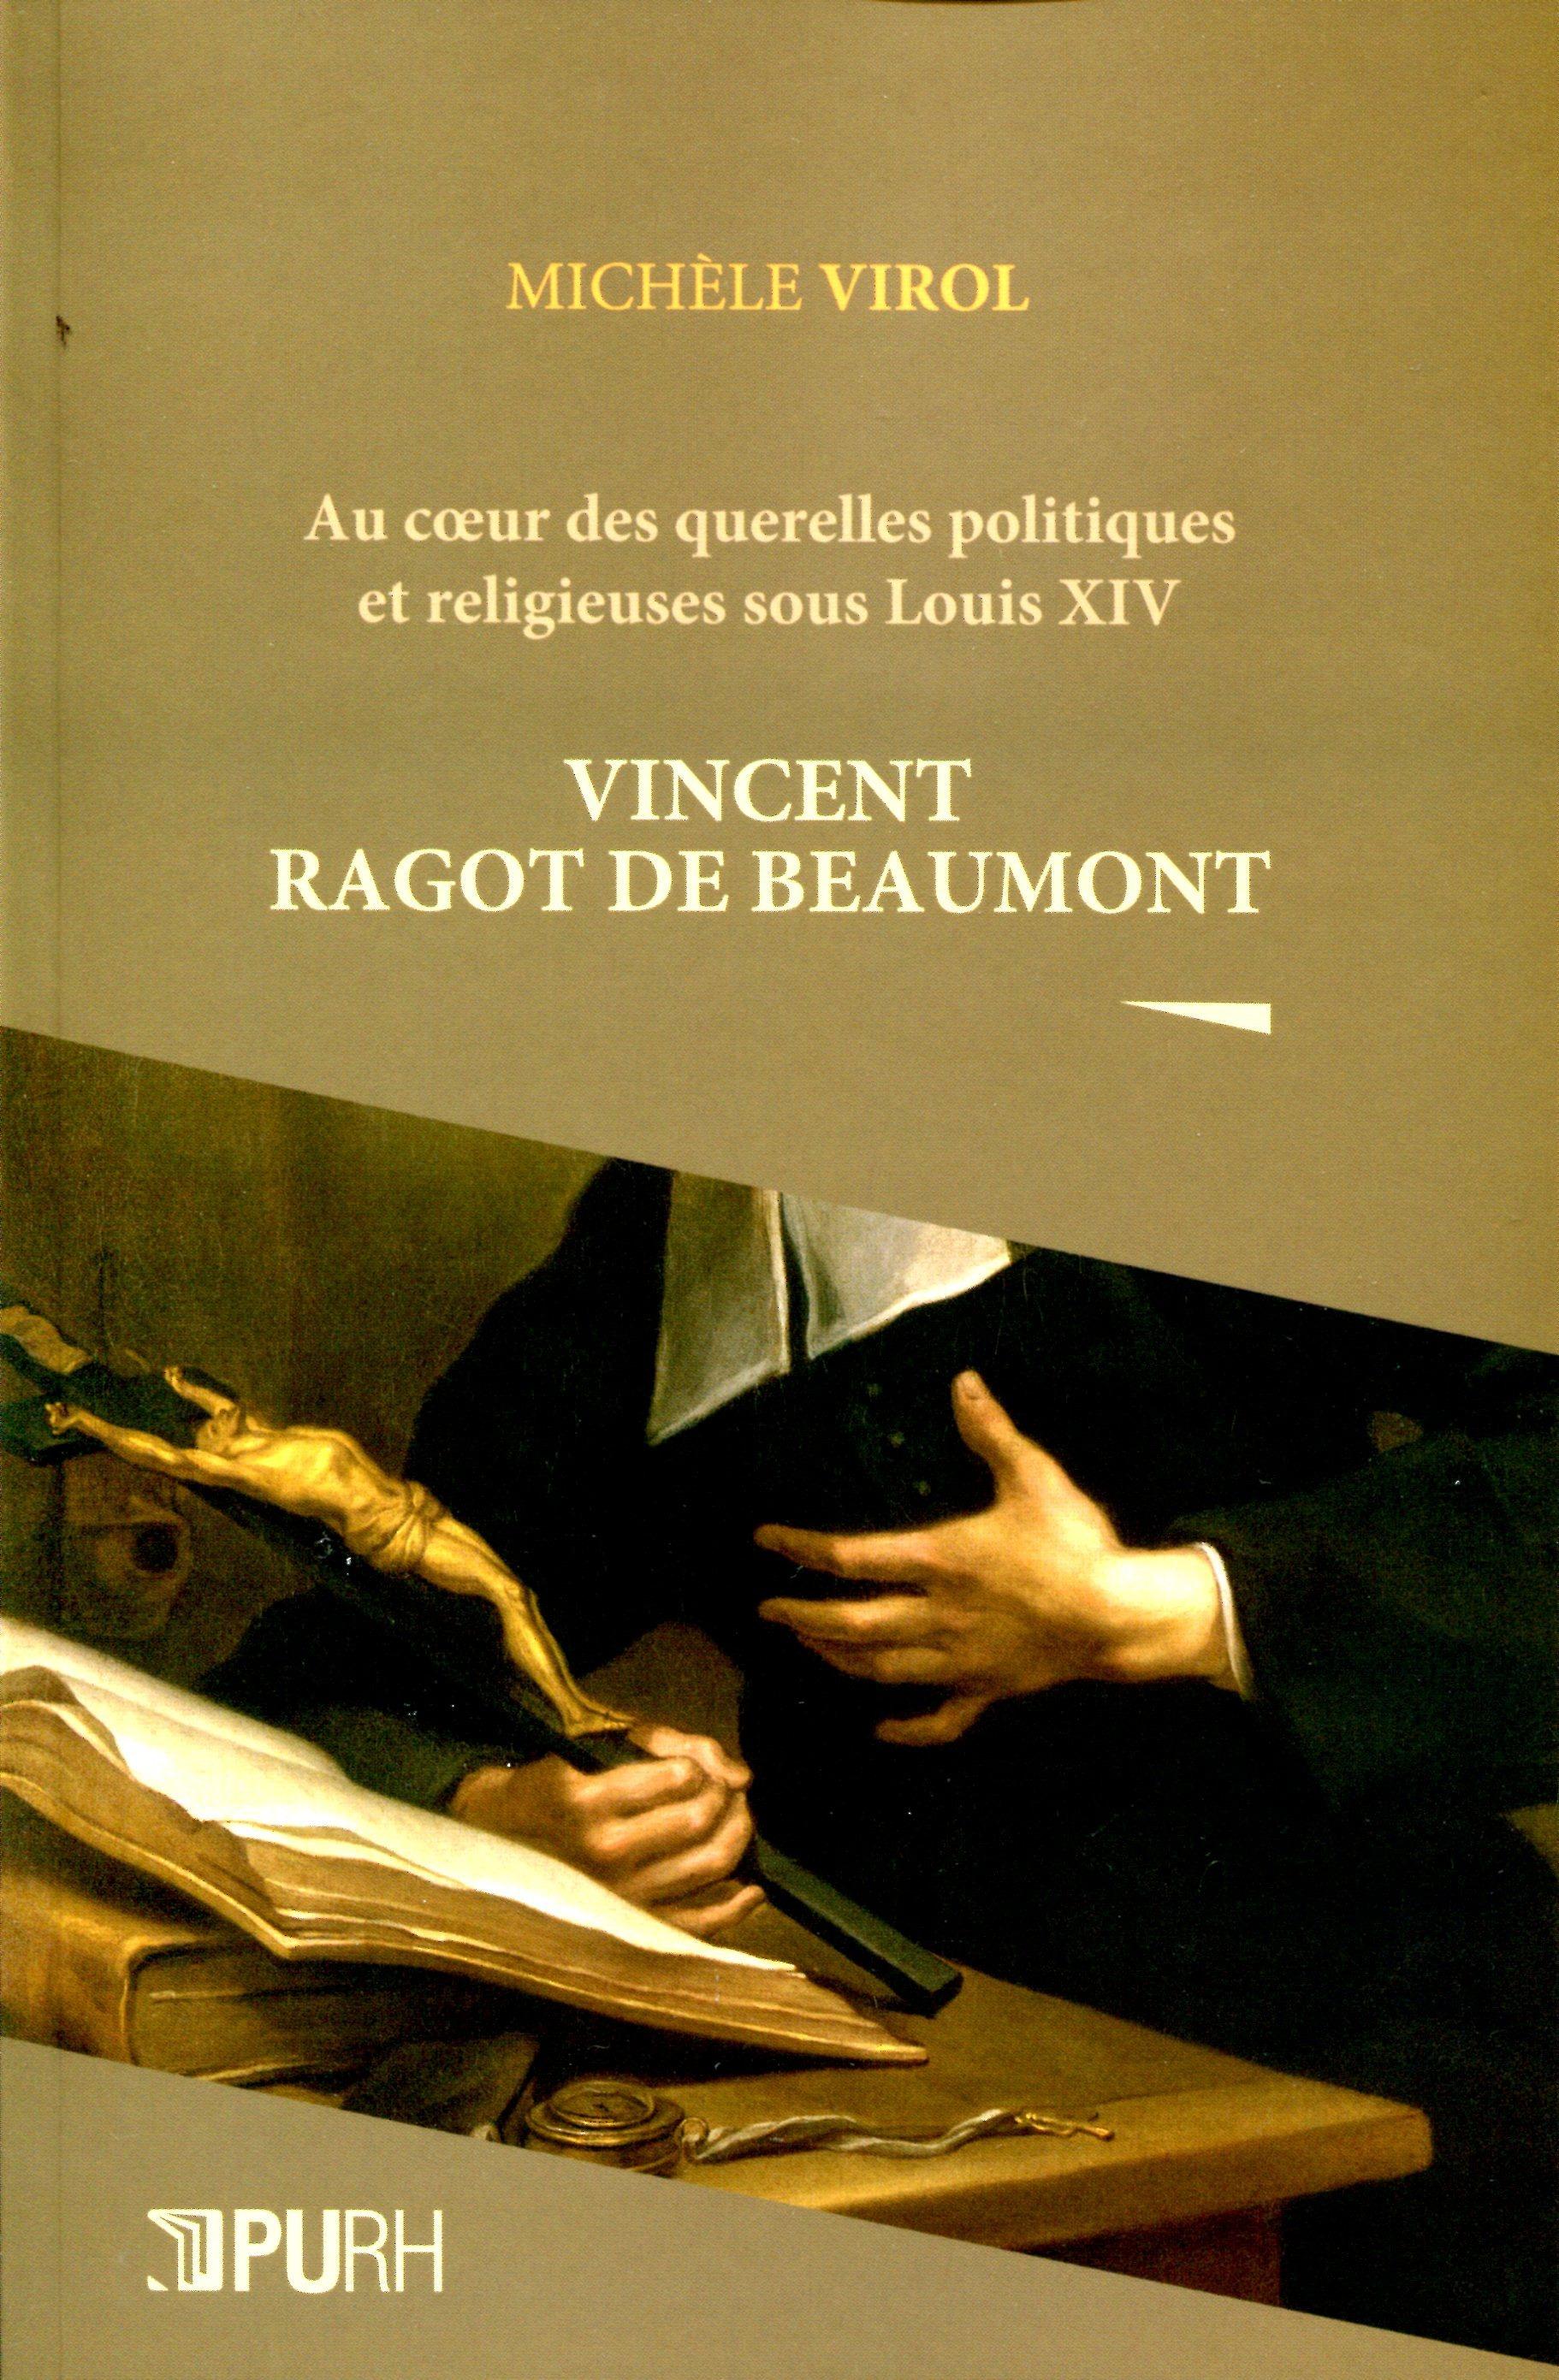 Vincent Ragot